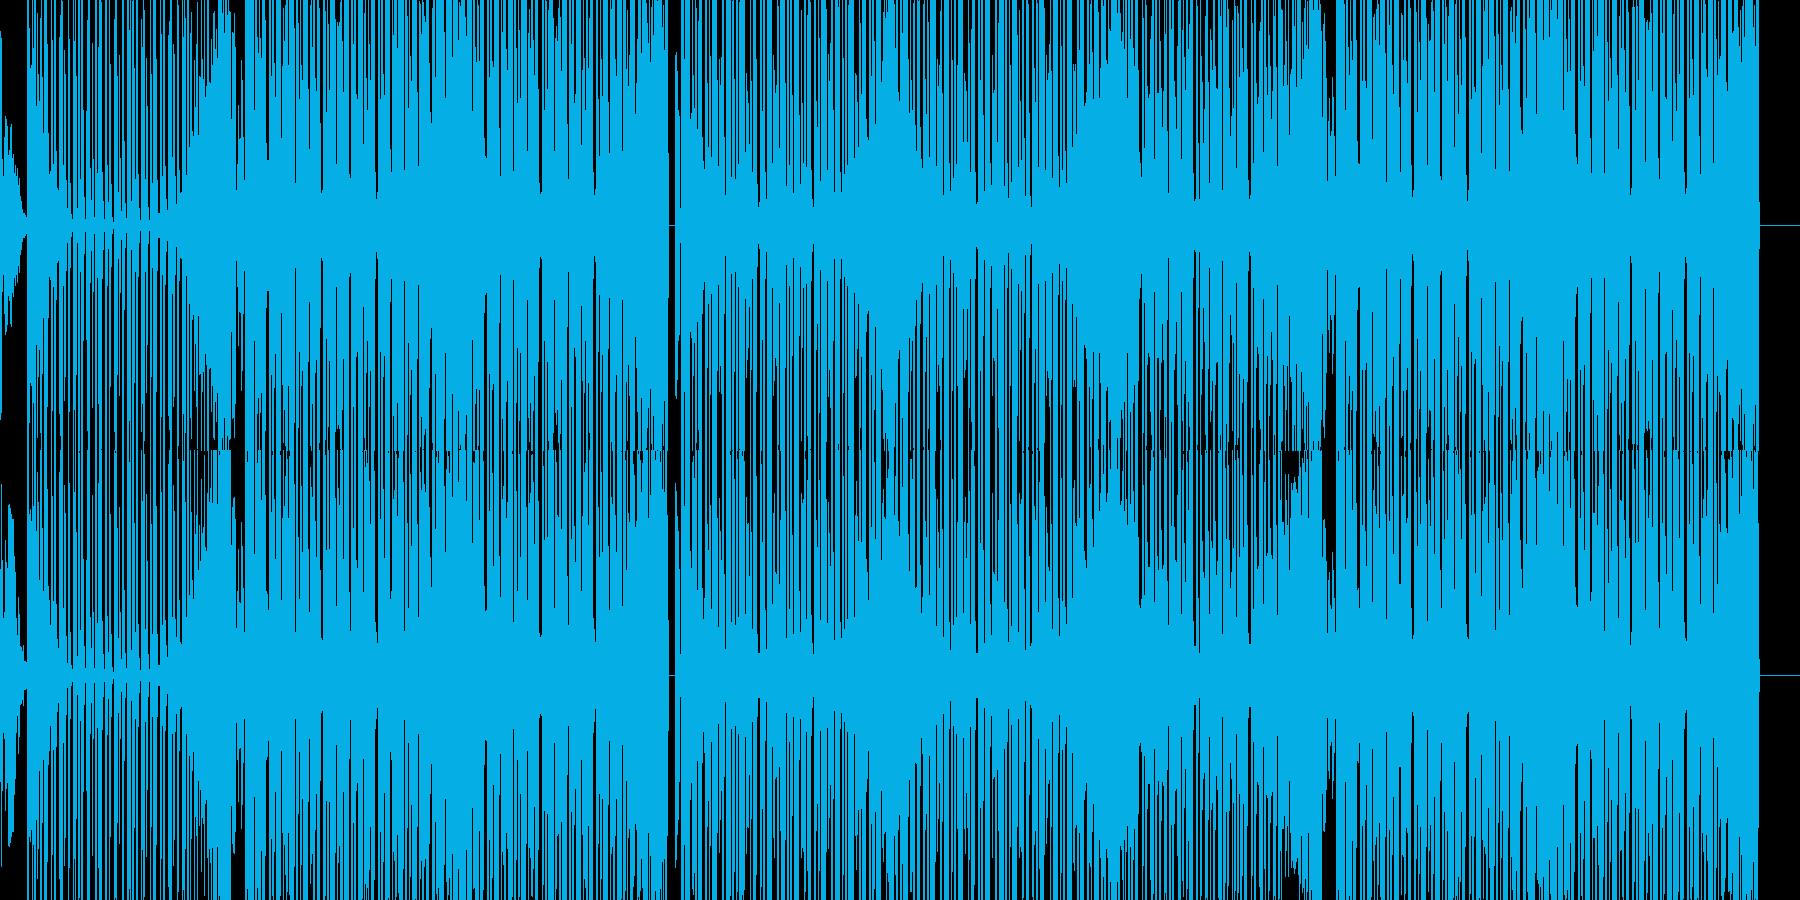 森イメージのダンス系EDMの再生済みの波形